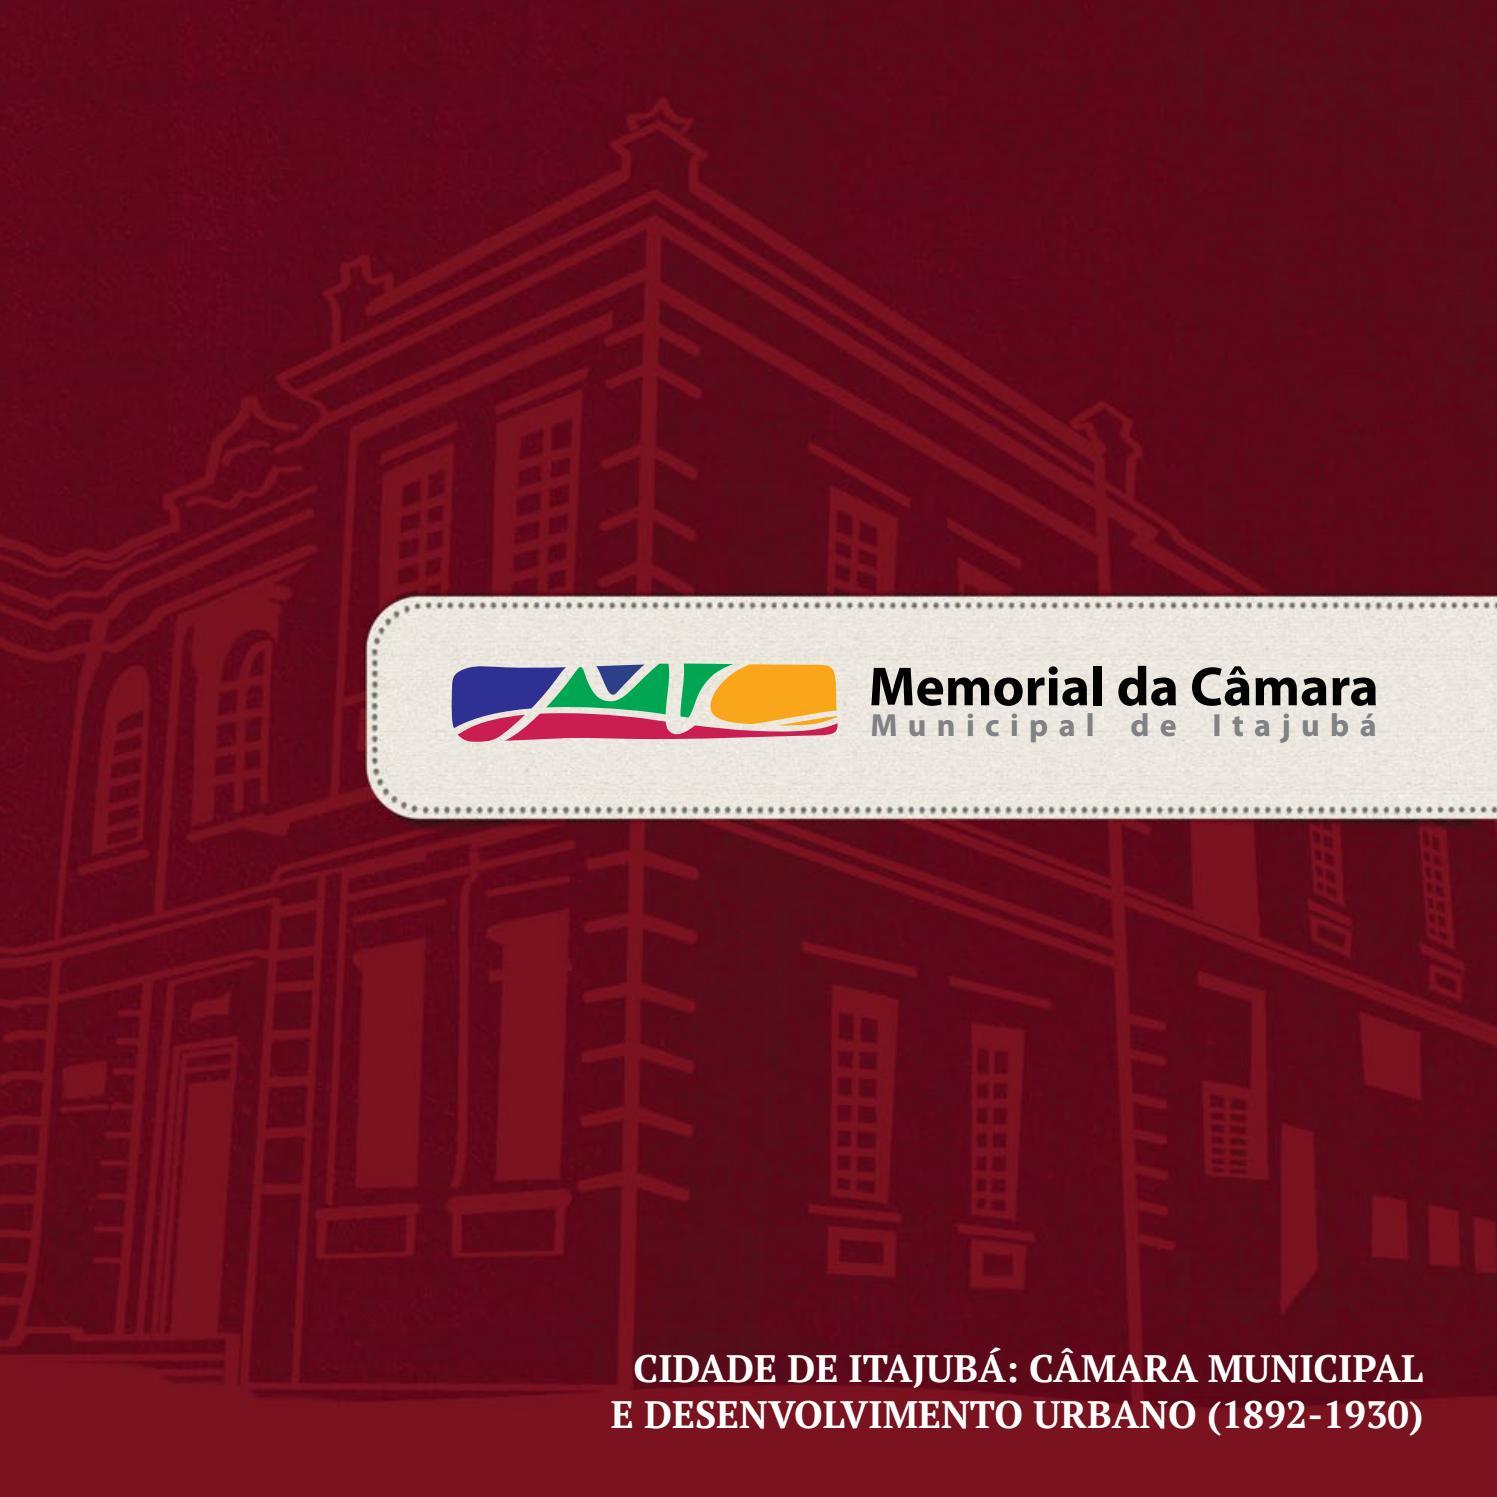 d94d1749f Memorial da Câmara - Livro 3 by Câmera Itajubá - issuu